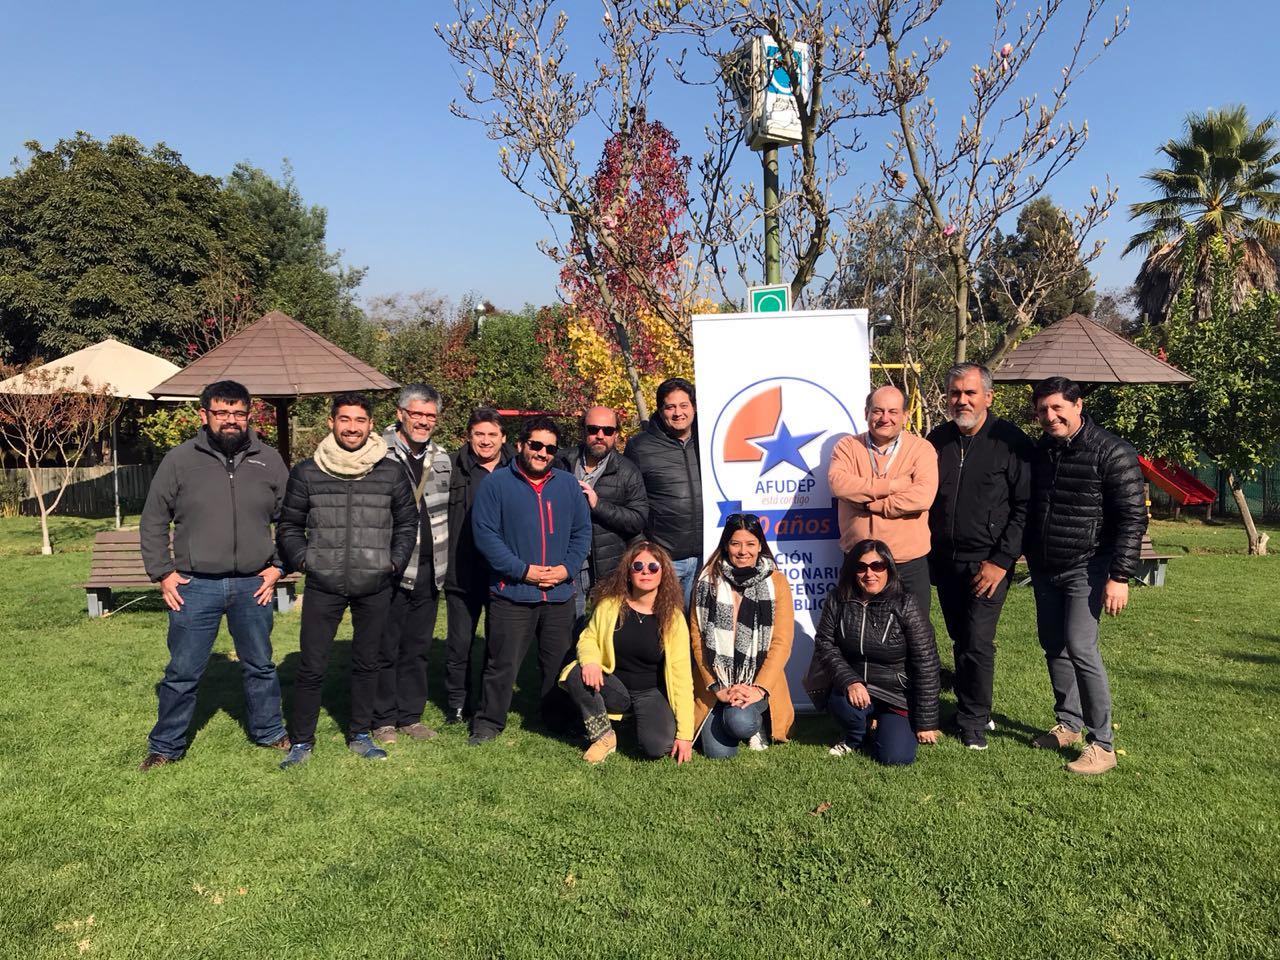 Exitosa Asamblea Nacional AFUDEP en Santiago y Olmué - 30 Mayo 2018